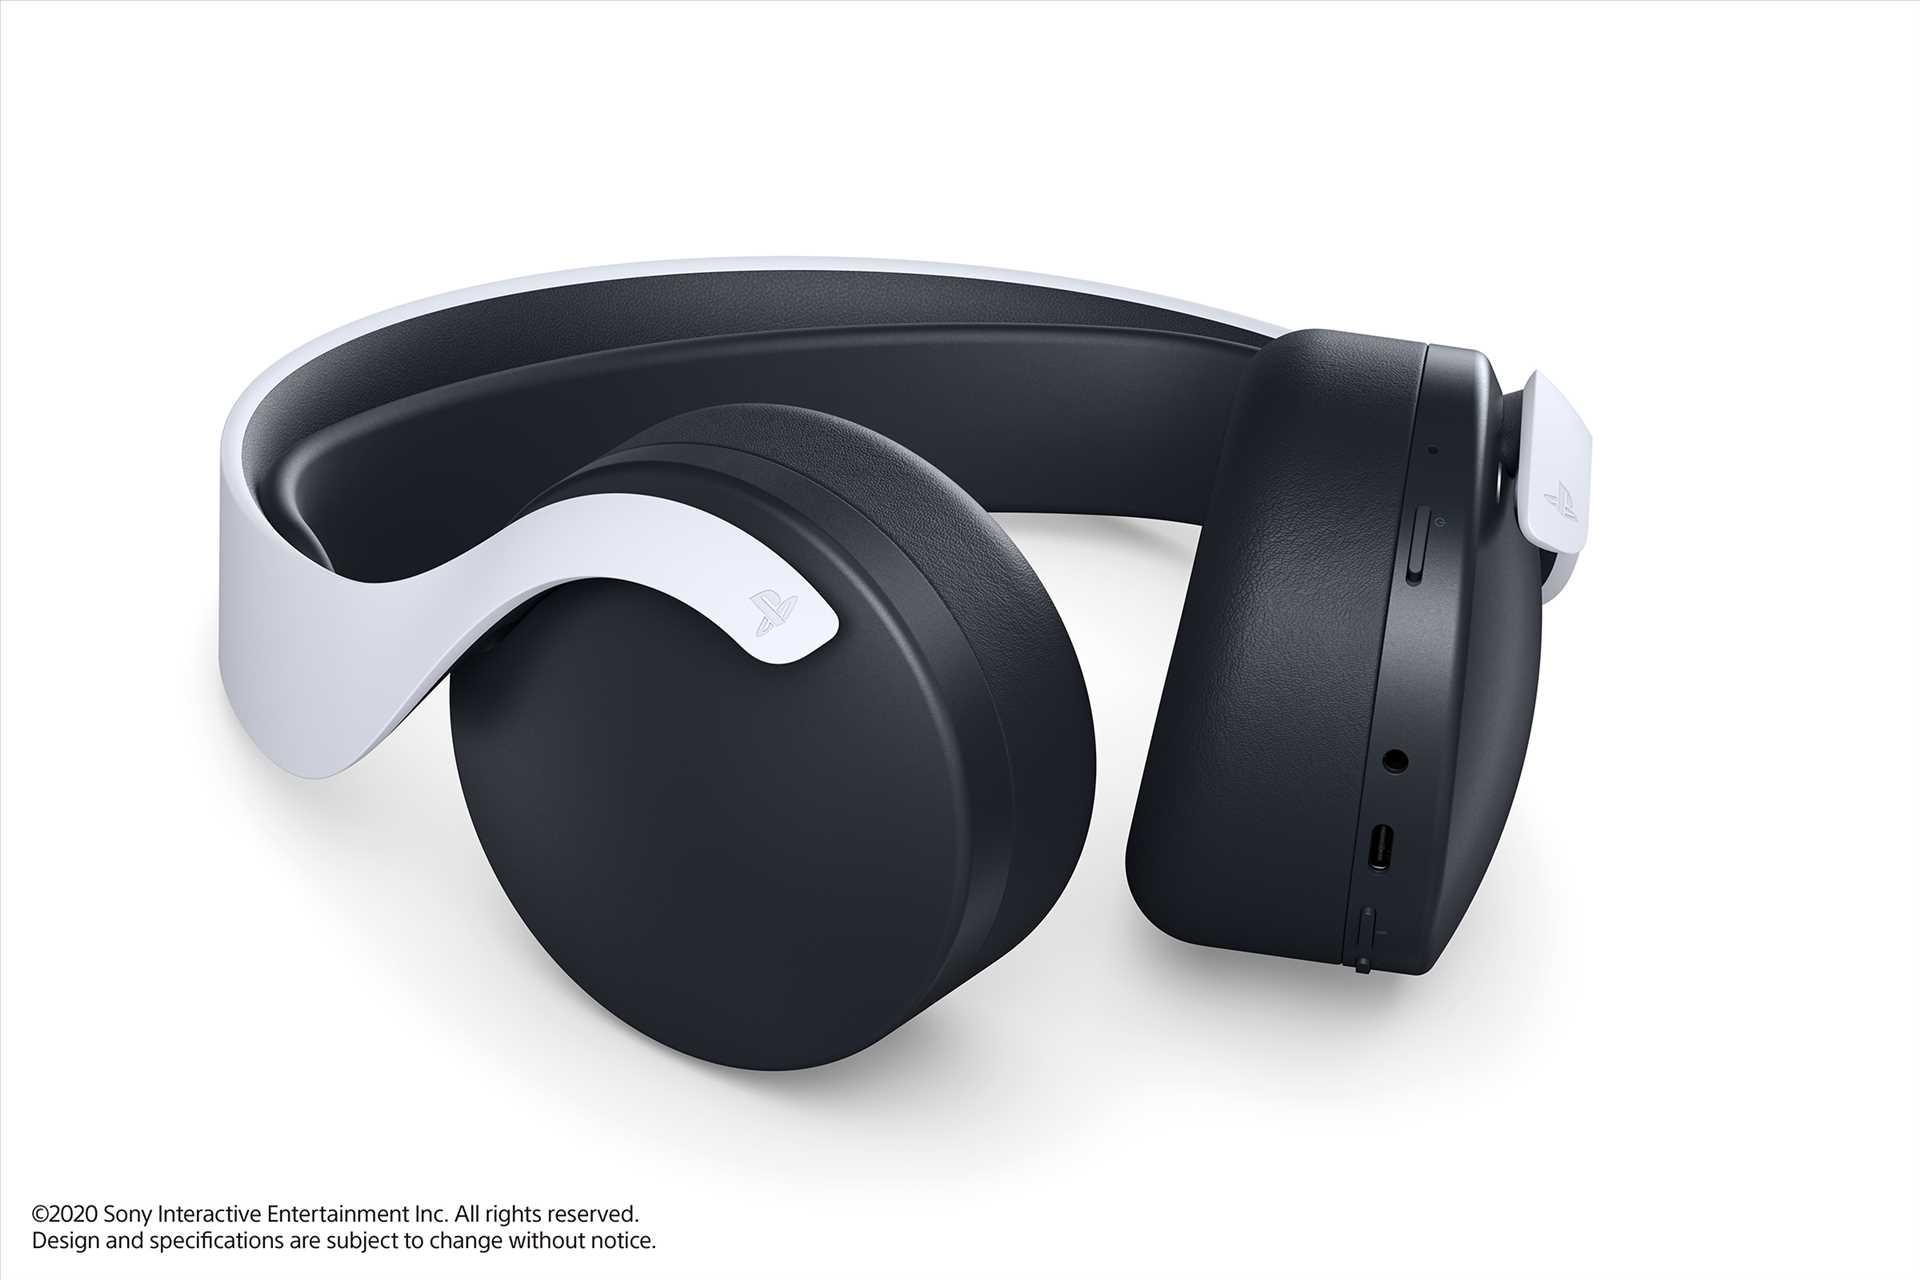 אוזניות גיימינג אלחוטיות Sony Pulse 3D סוני - תמונה 3